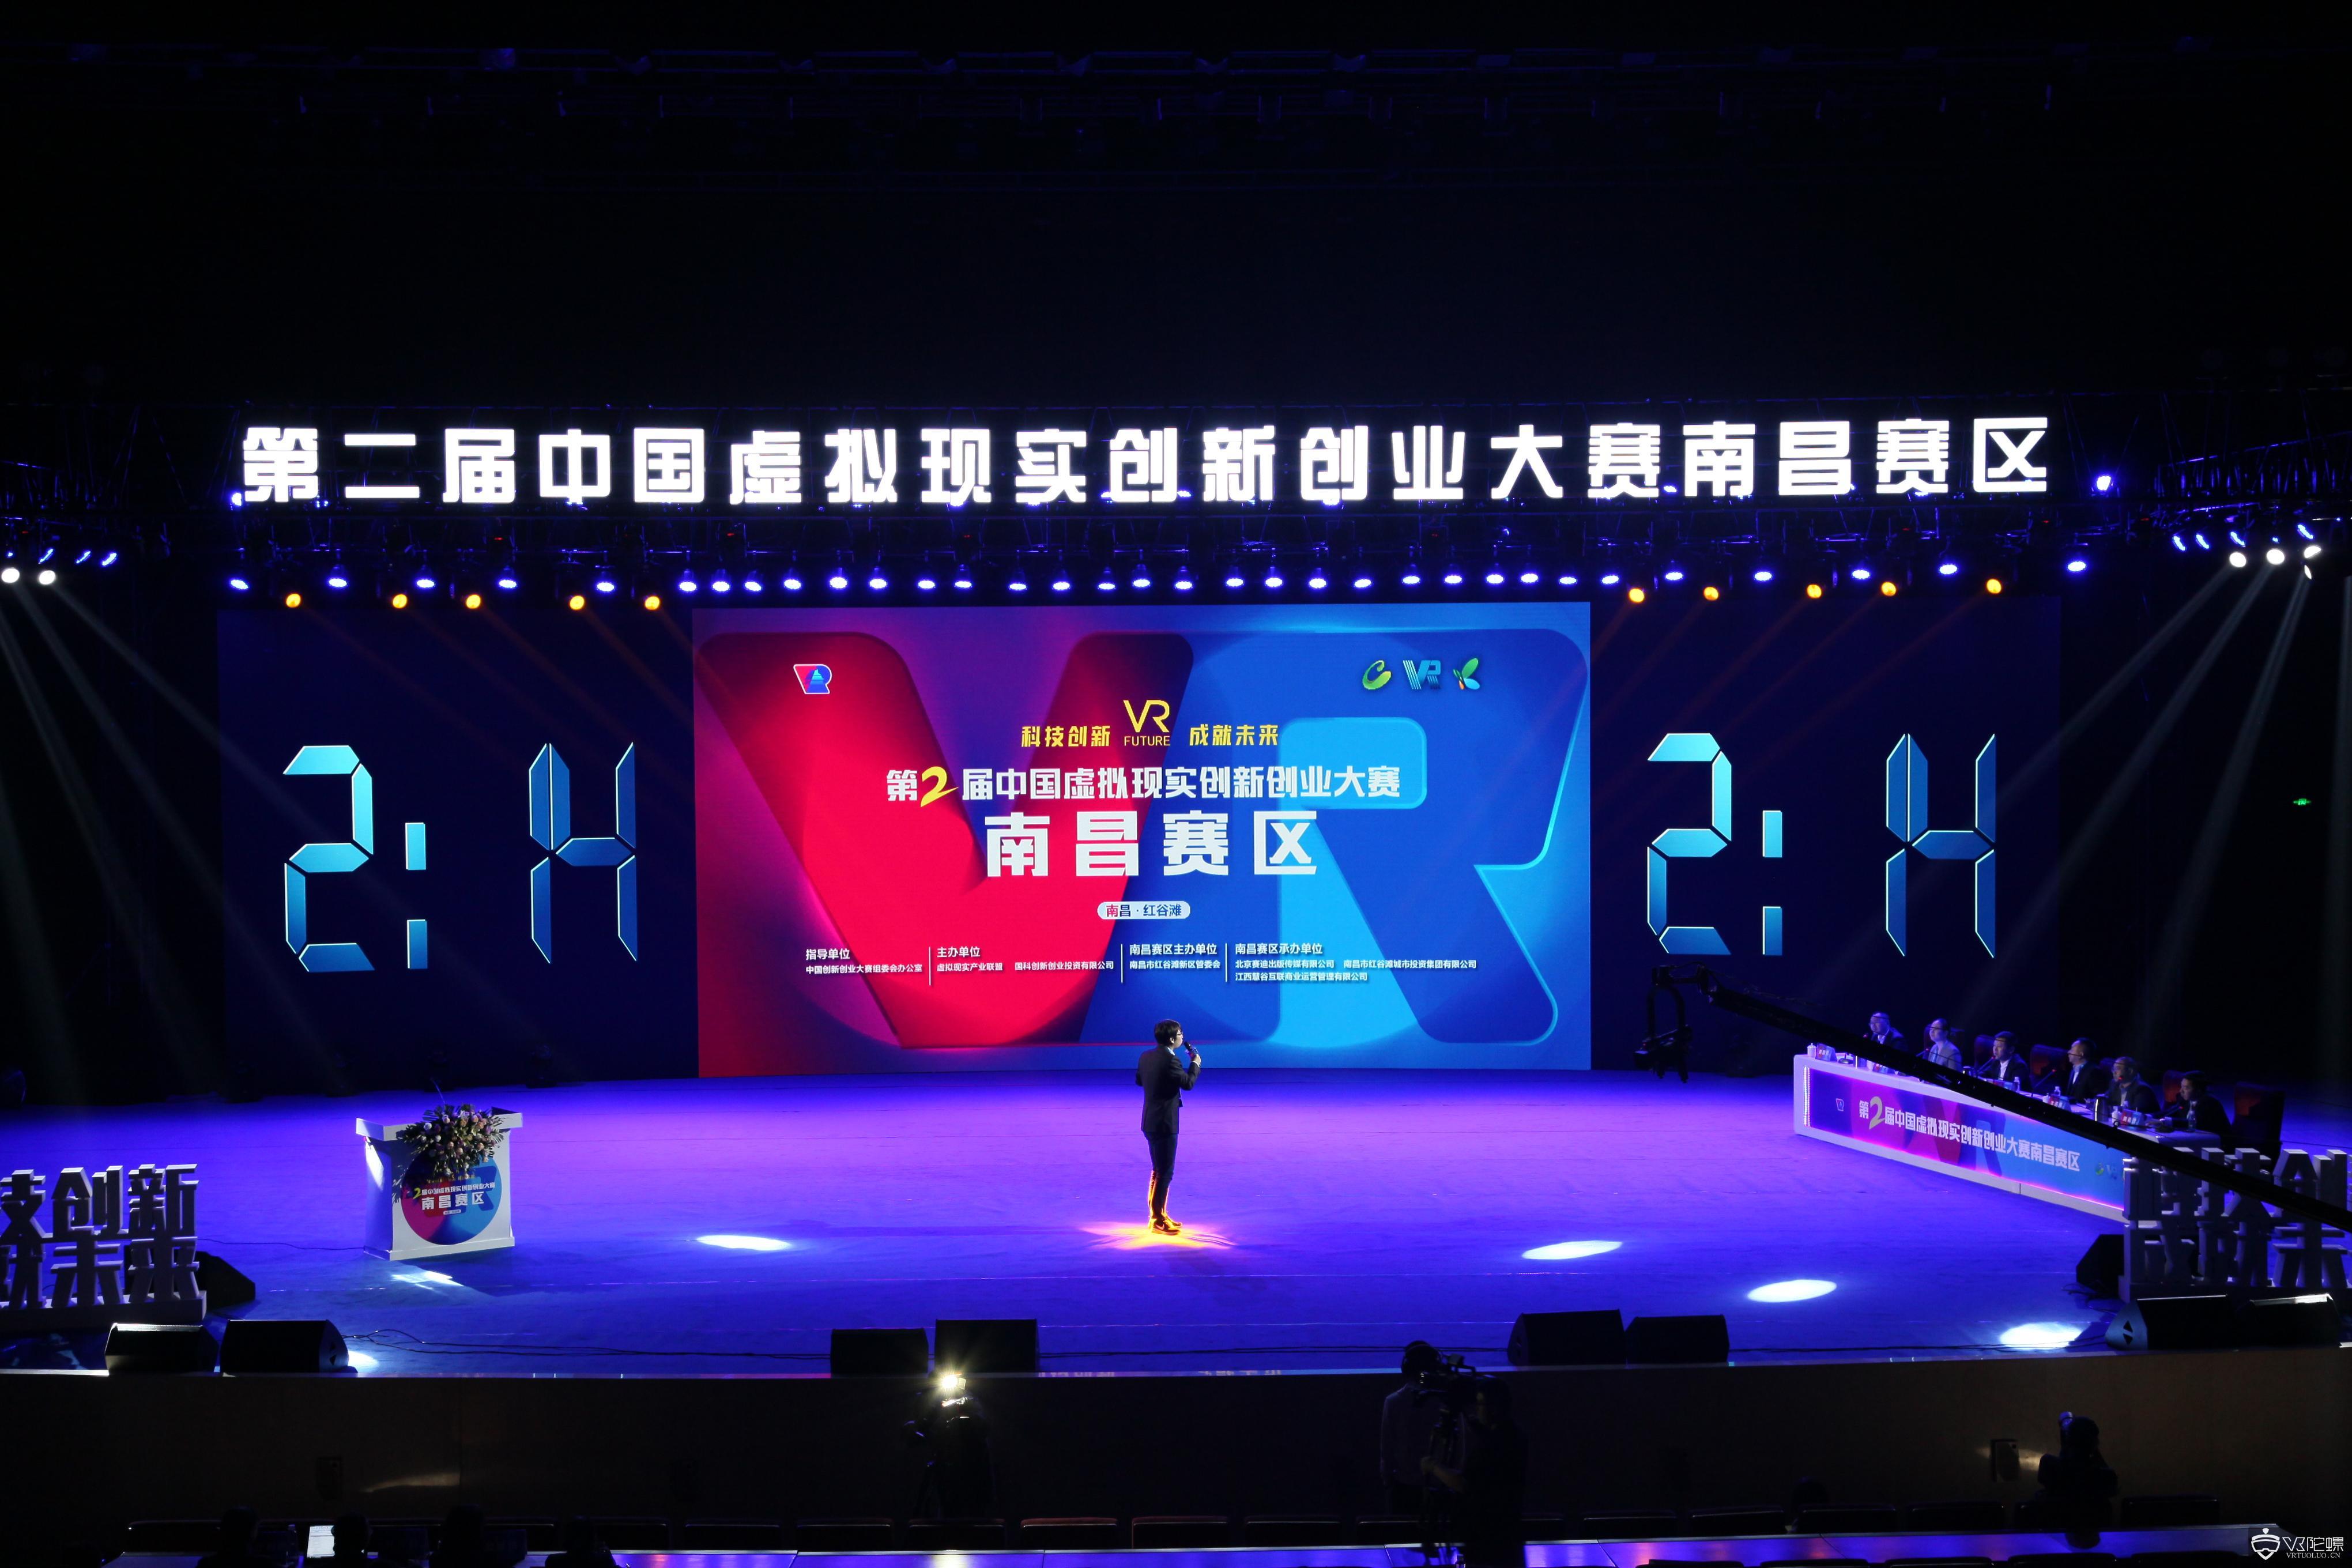 64强入围第二届中国虚拟现实创新创业大赛全国总决赛